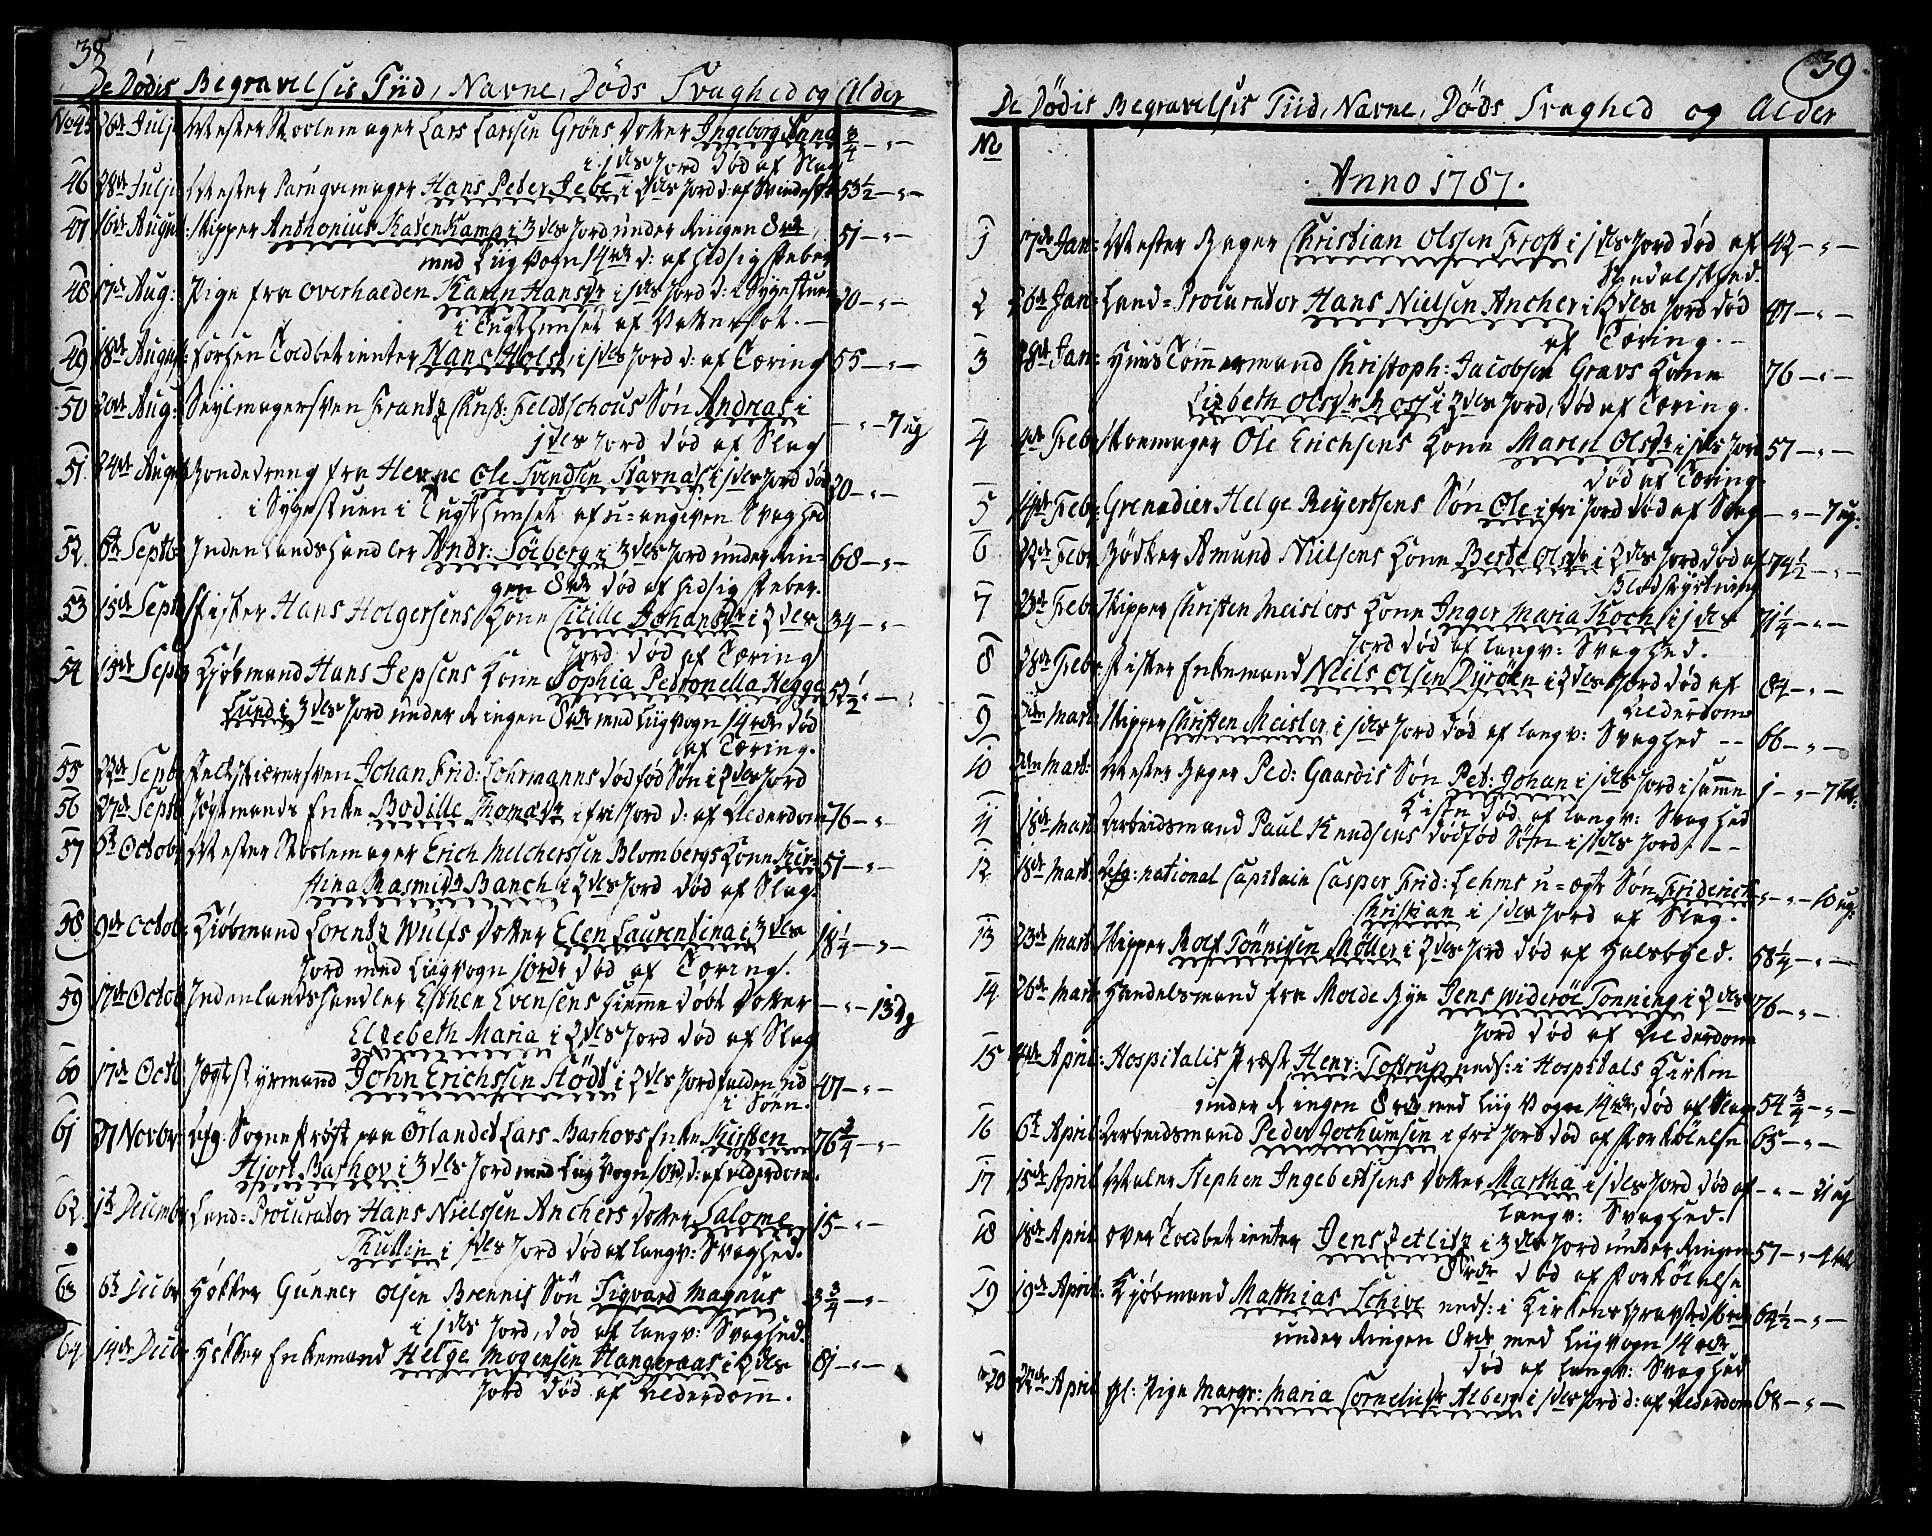 SAT, Ministerialprotokoller, klokkerbøker og fødselsregistre - Sør-Trøndelag, 602/L0106: Ministerialbok nr. 602A04, 1774-1814, s. 38-39